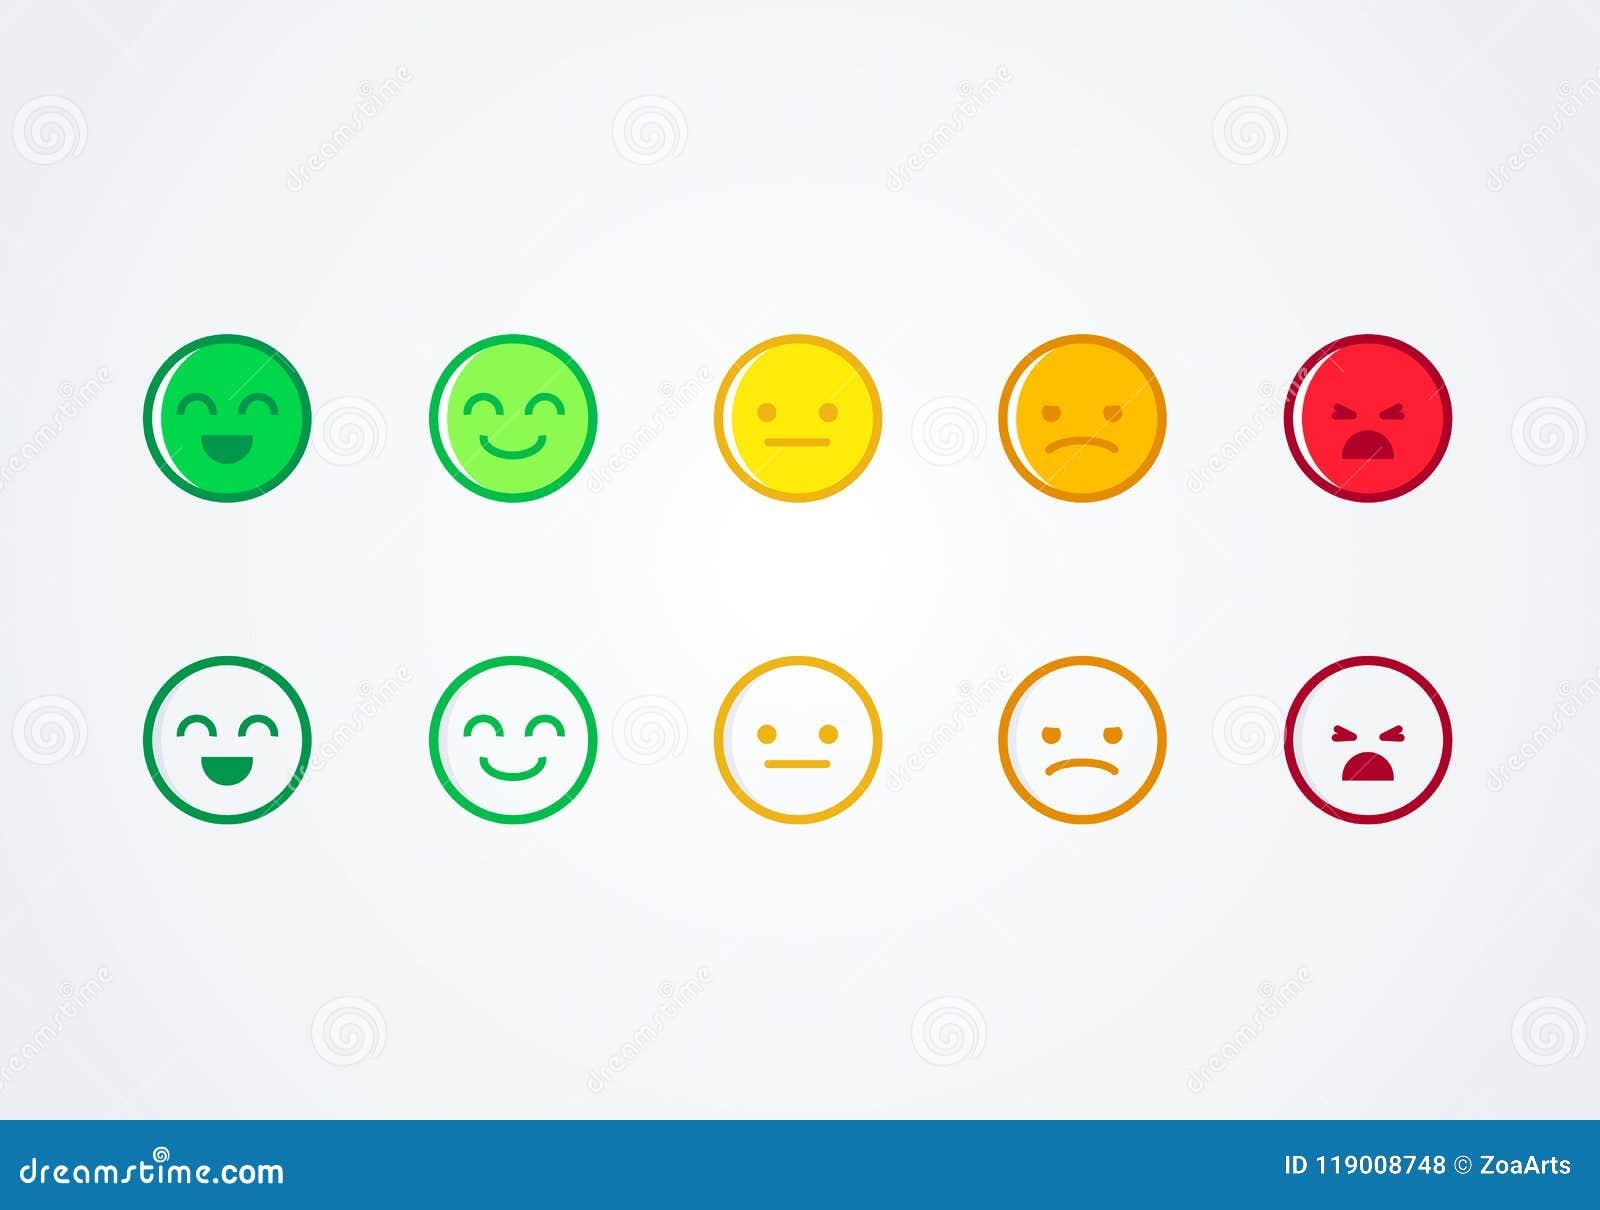 Wektorowego ilustracyjnego użytkownika doświadczenia informacje zwrotne pojęcia smiley emoticons emoji ikony różny trybowy pozyty